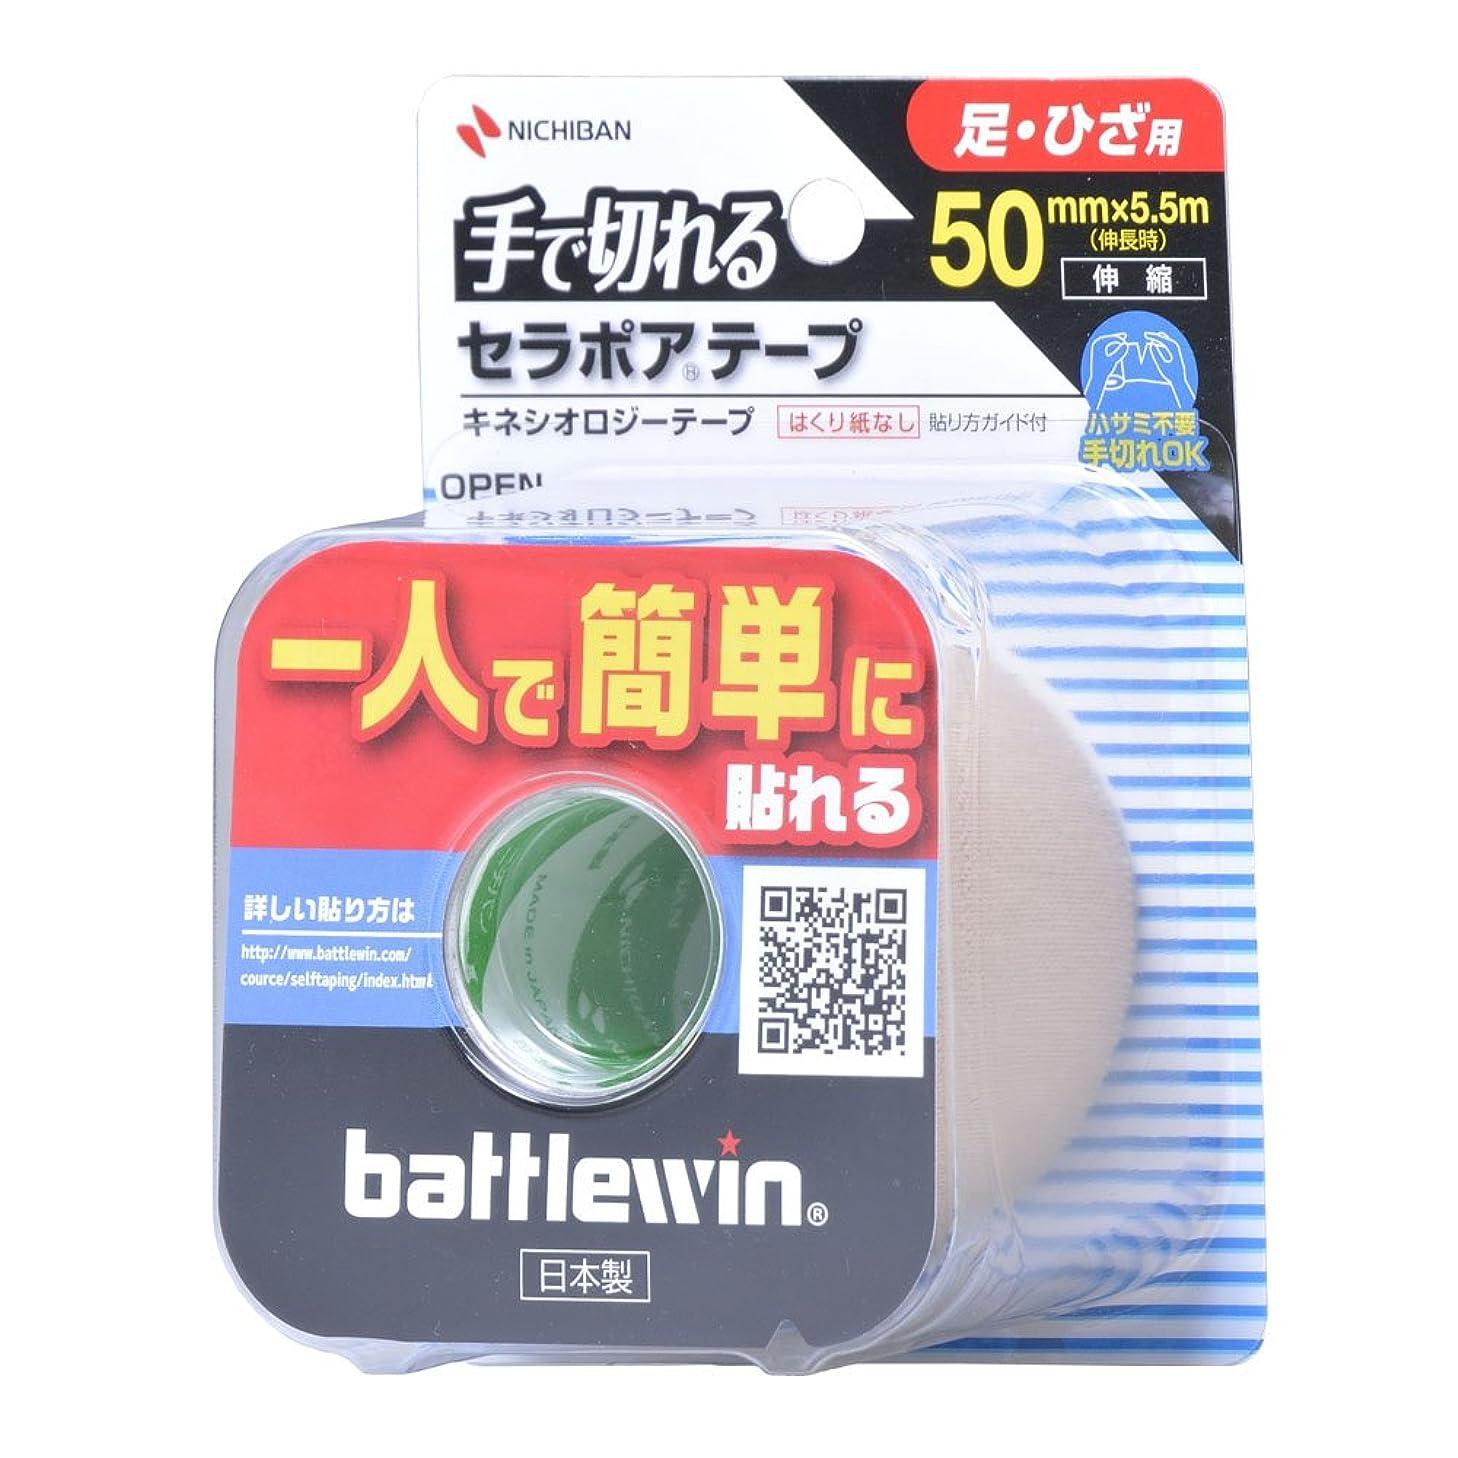 危険な彼らドリンクニチバン バトルウィンセラポアテープ撥水(キネシオロジーテープ) 50mm×4.5m(伸長時) 1巻入り